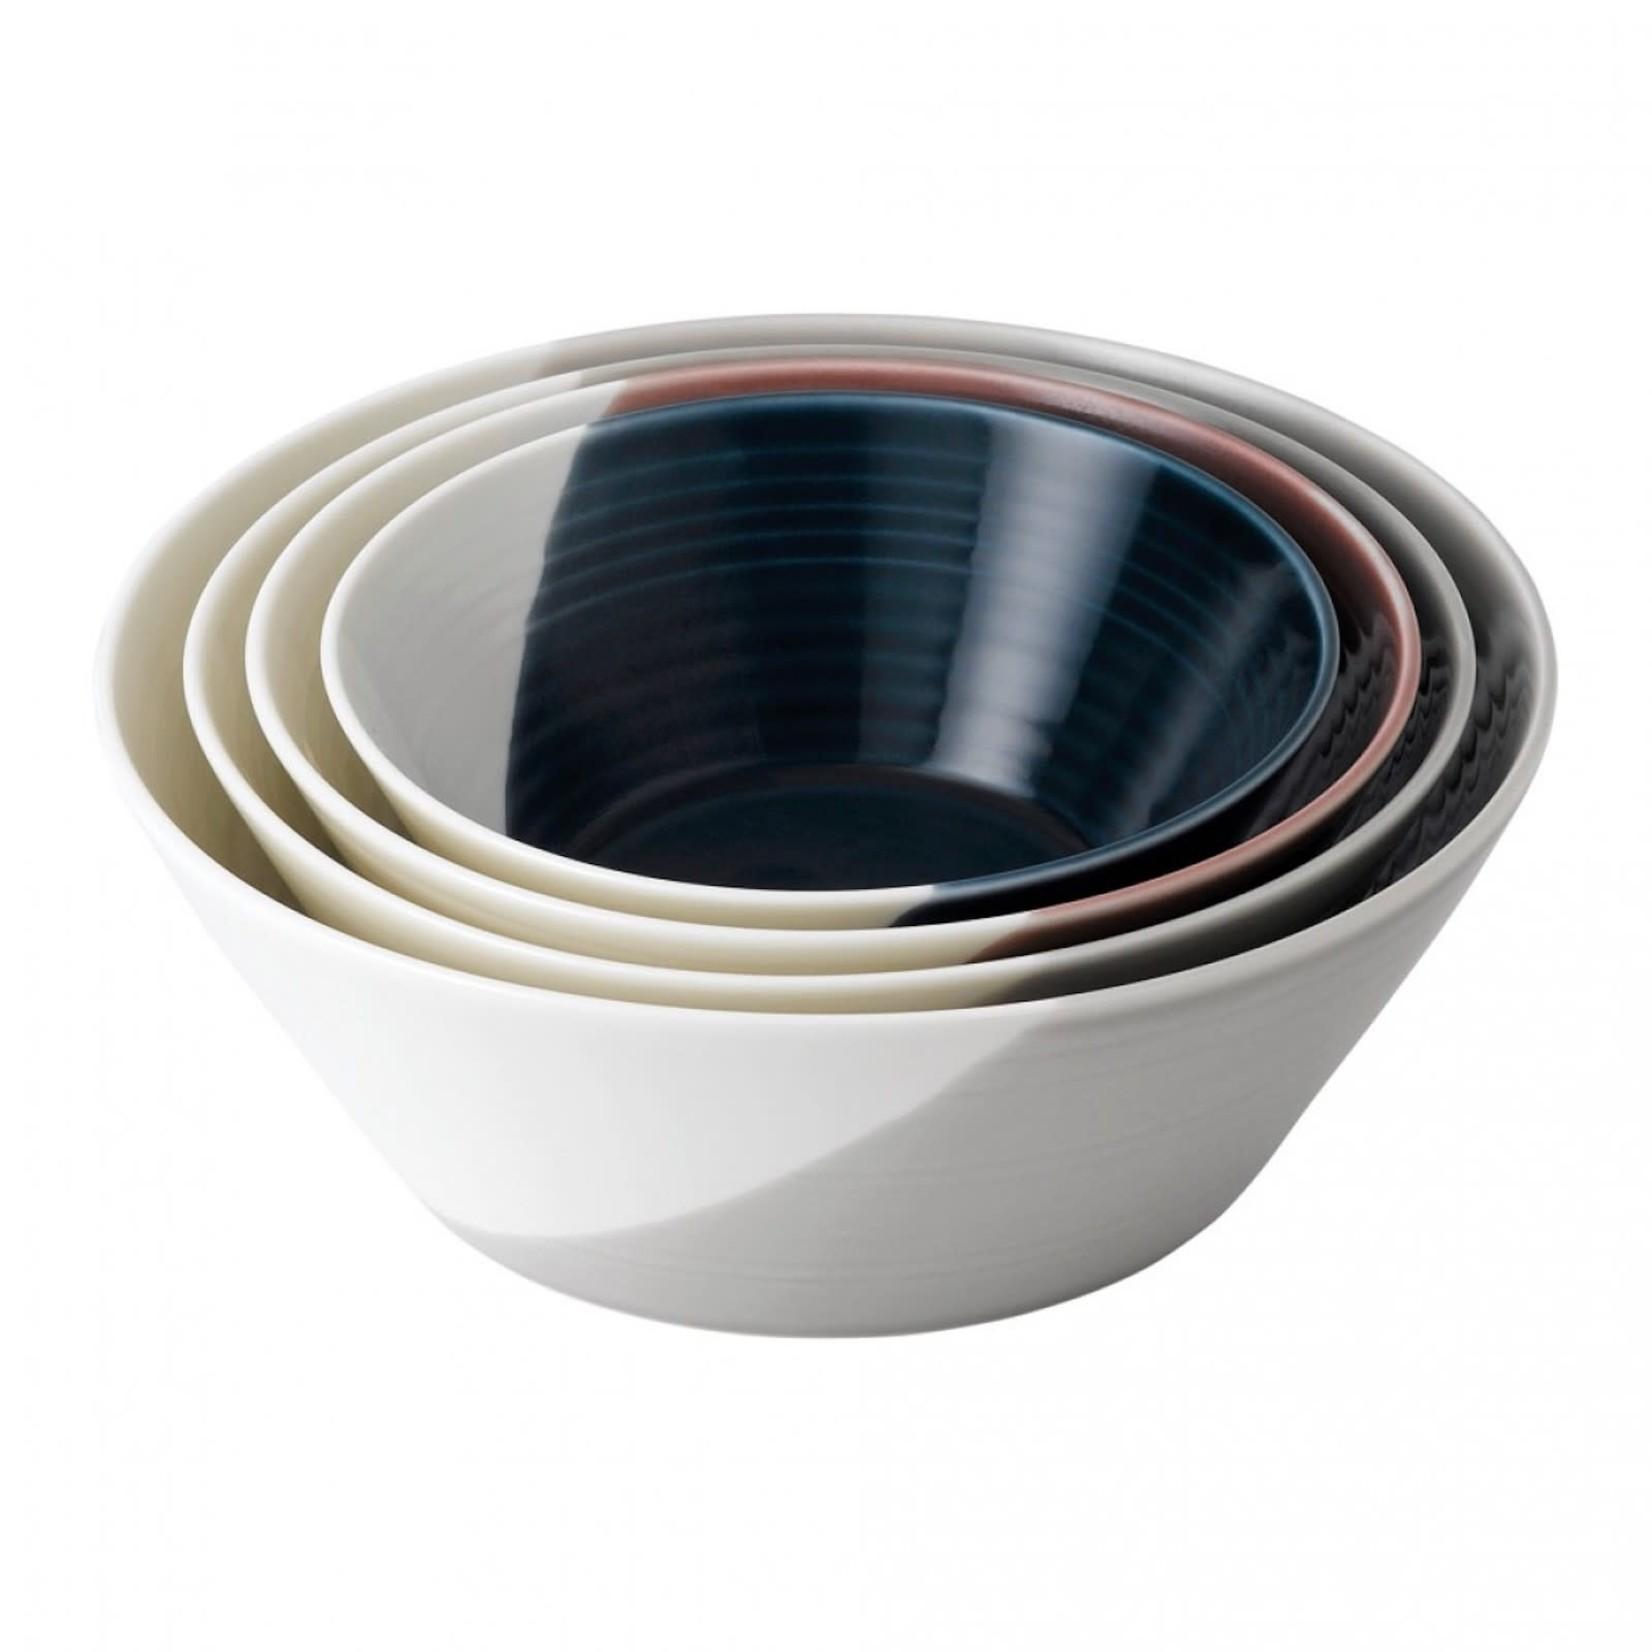 Bowls of Plenty Nesting Bowls LG